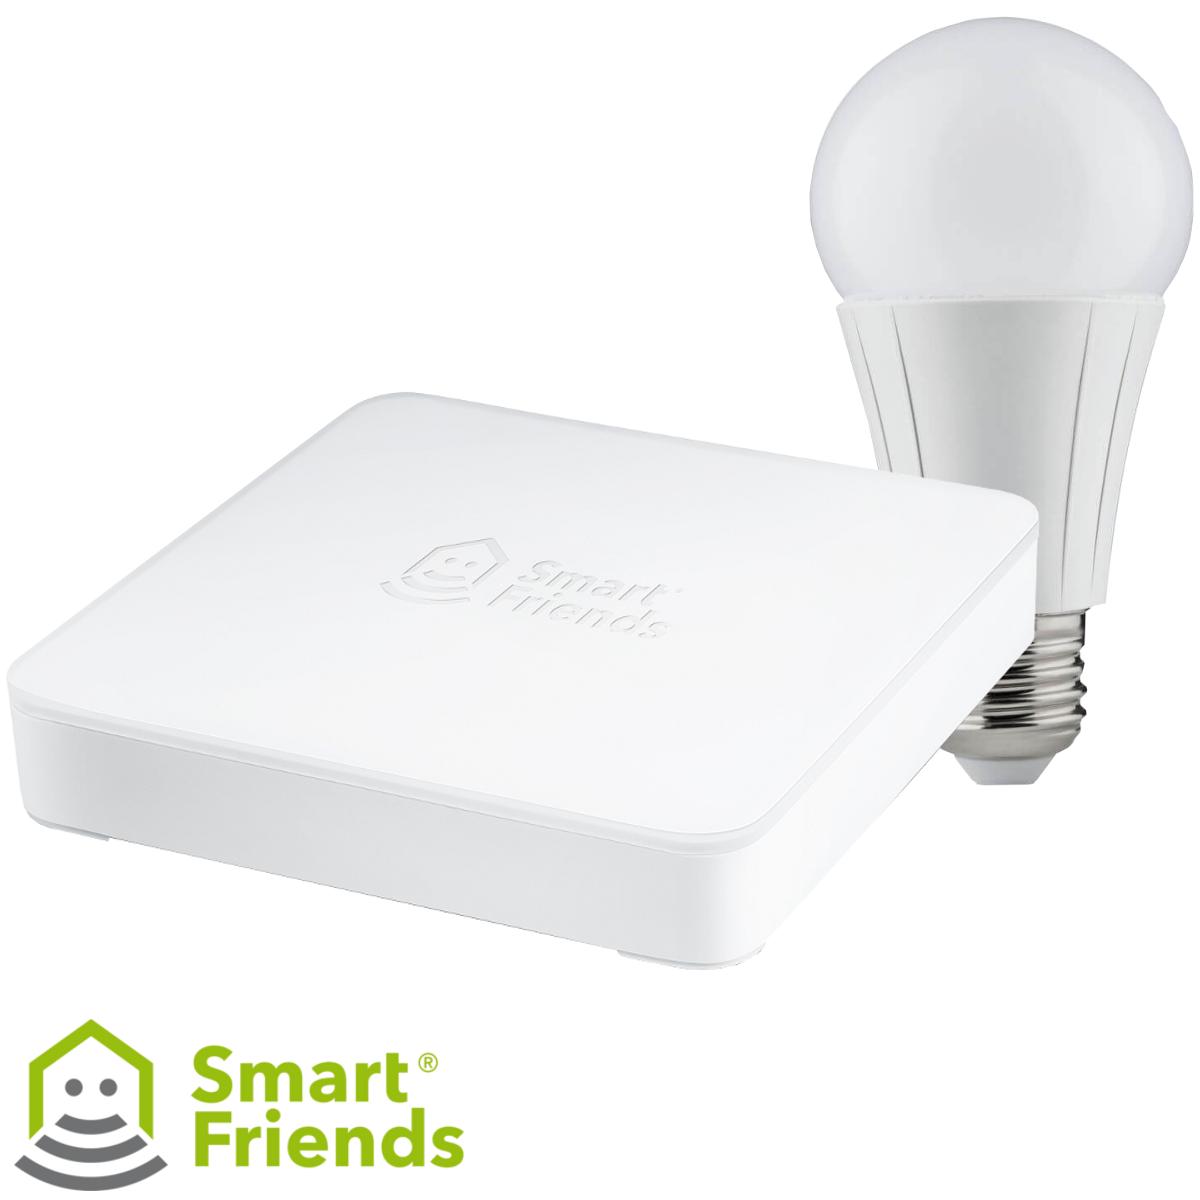 SmartFriends Starterset Innenbeleuchtung